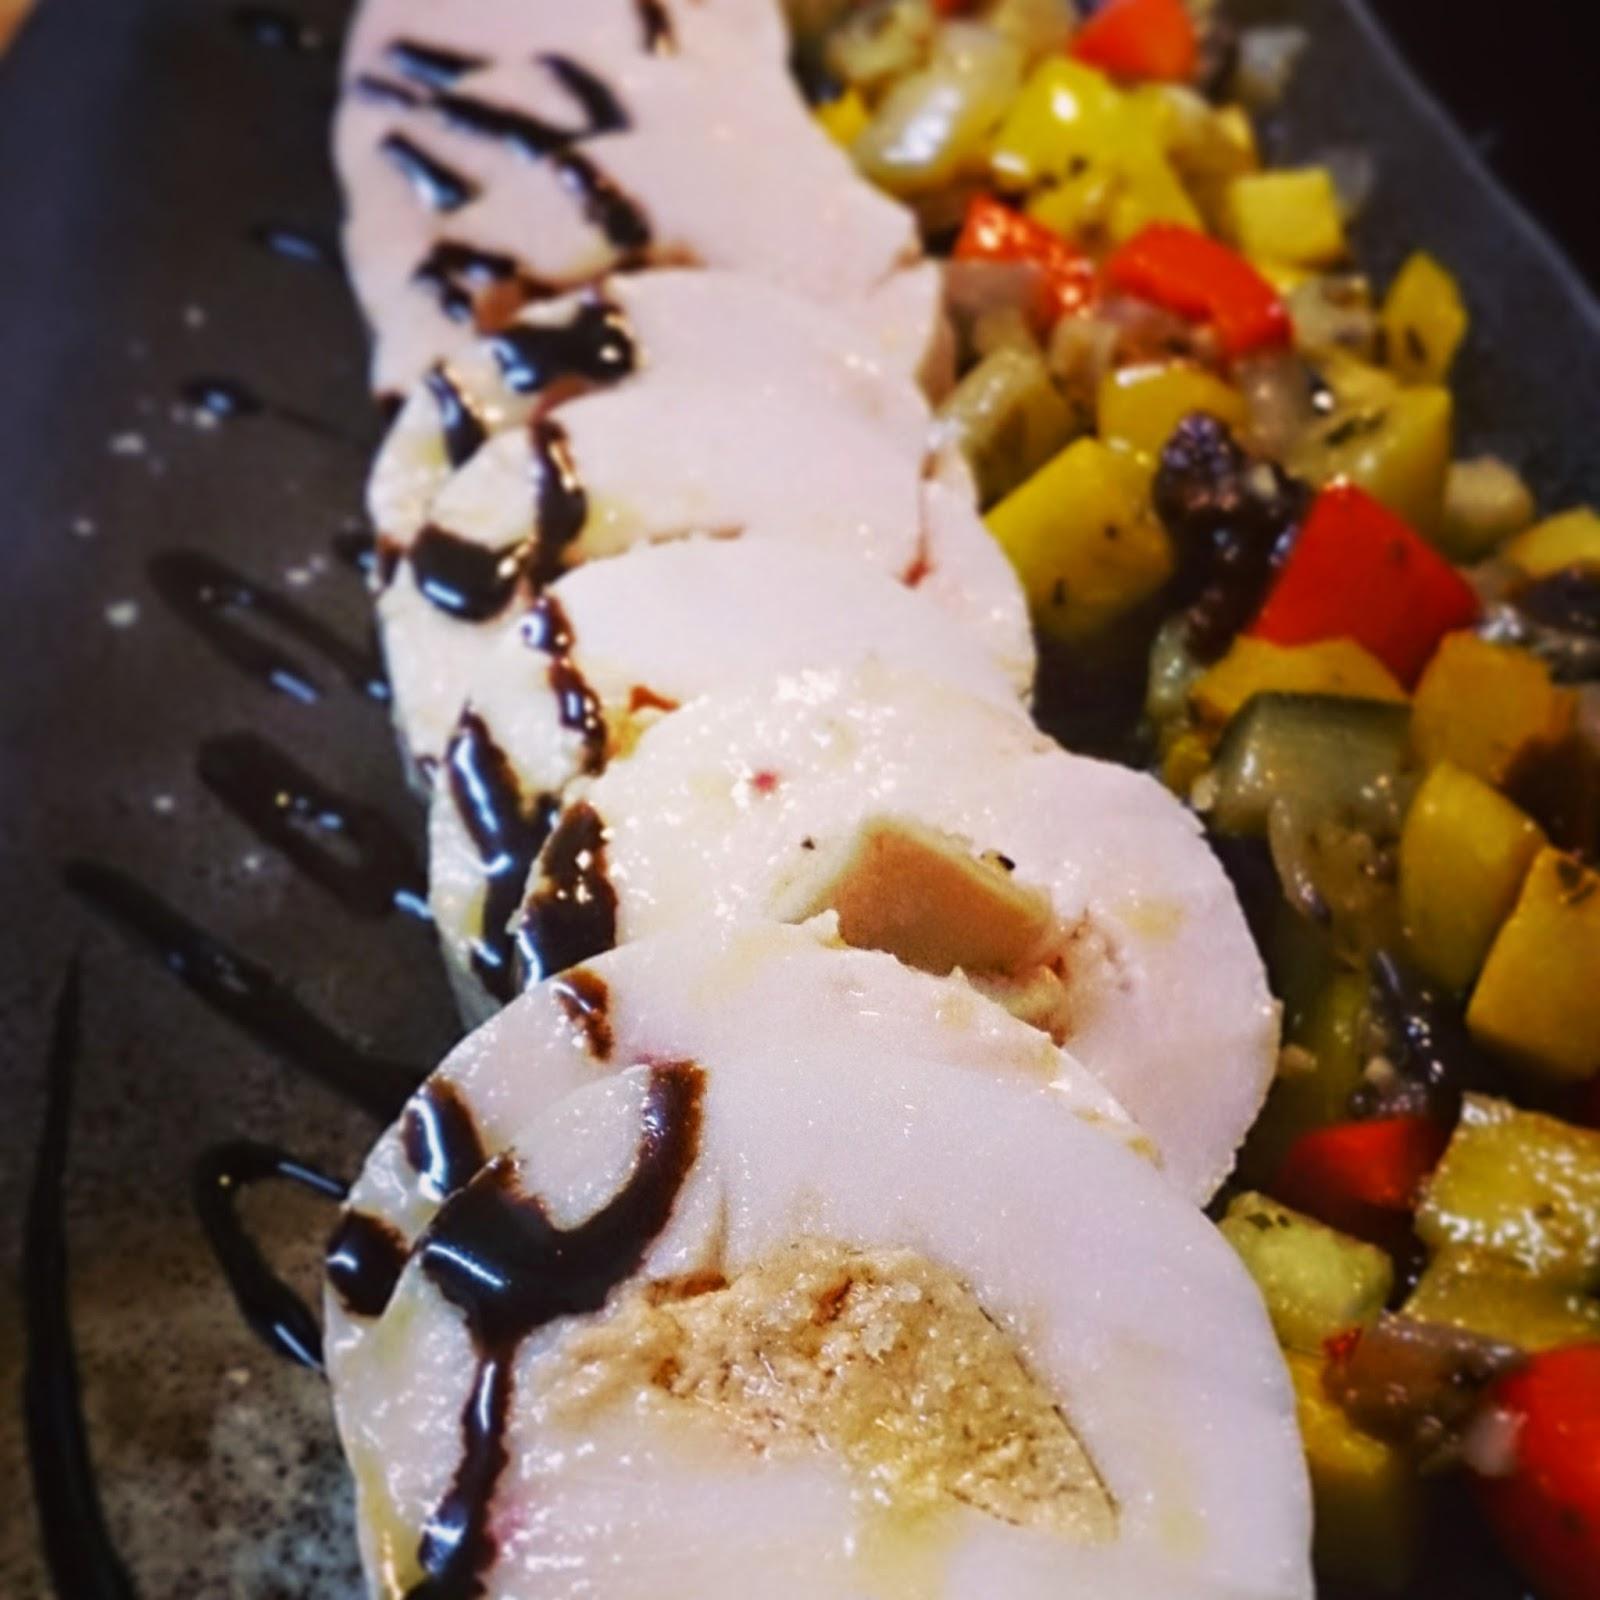 ご友人のサプライズ結婚祝いに高野シェフが出張料理:フォアグラ 鶏肉のバロティーヌ秋野菜のラタトゥイユ